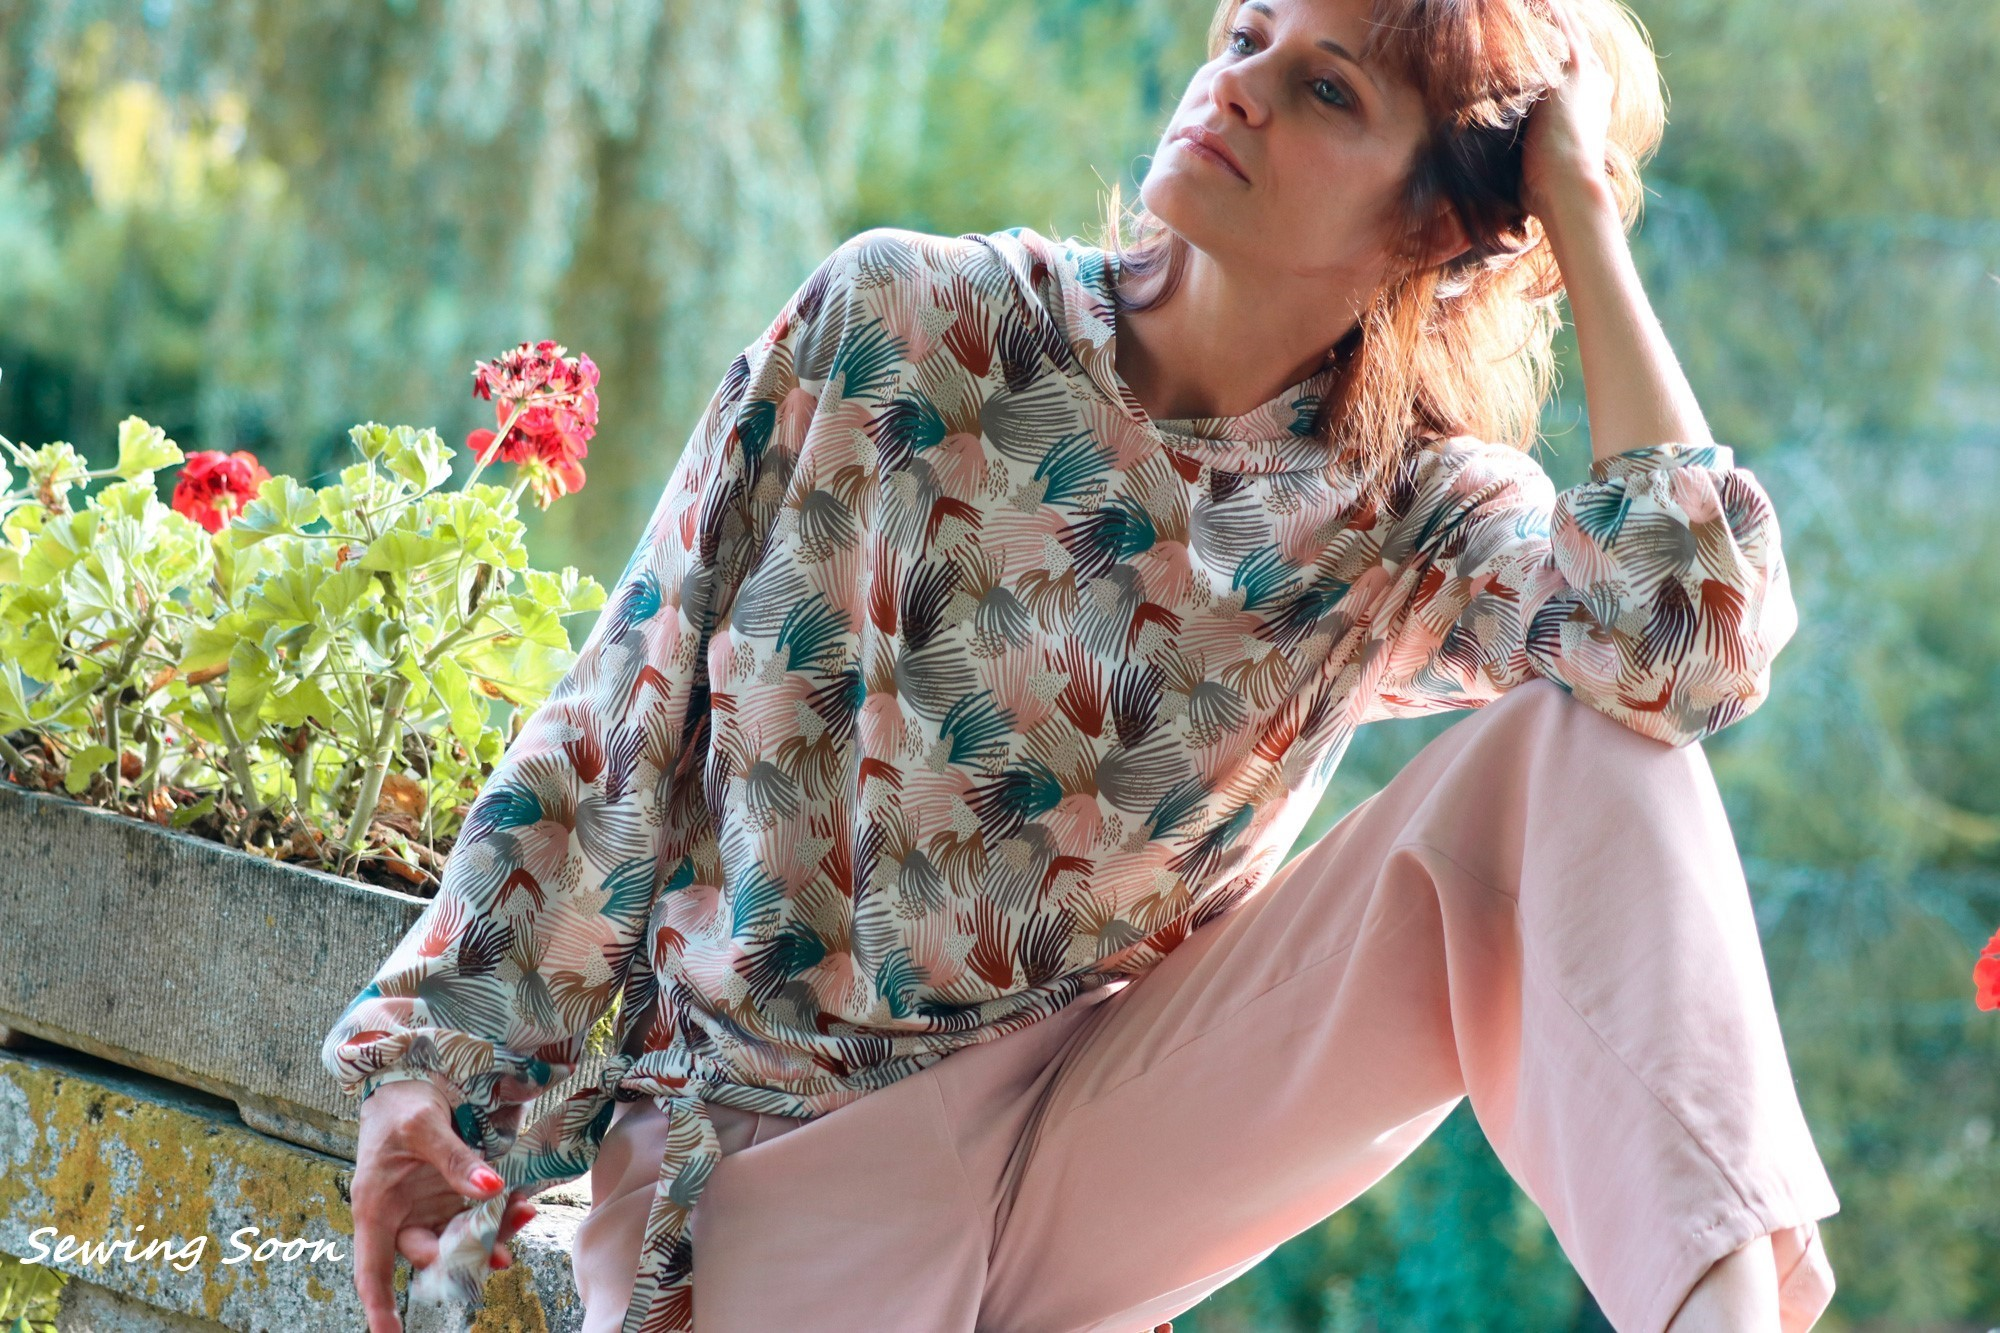 Prana sewing soon atelier jupe